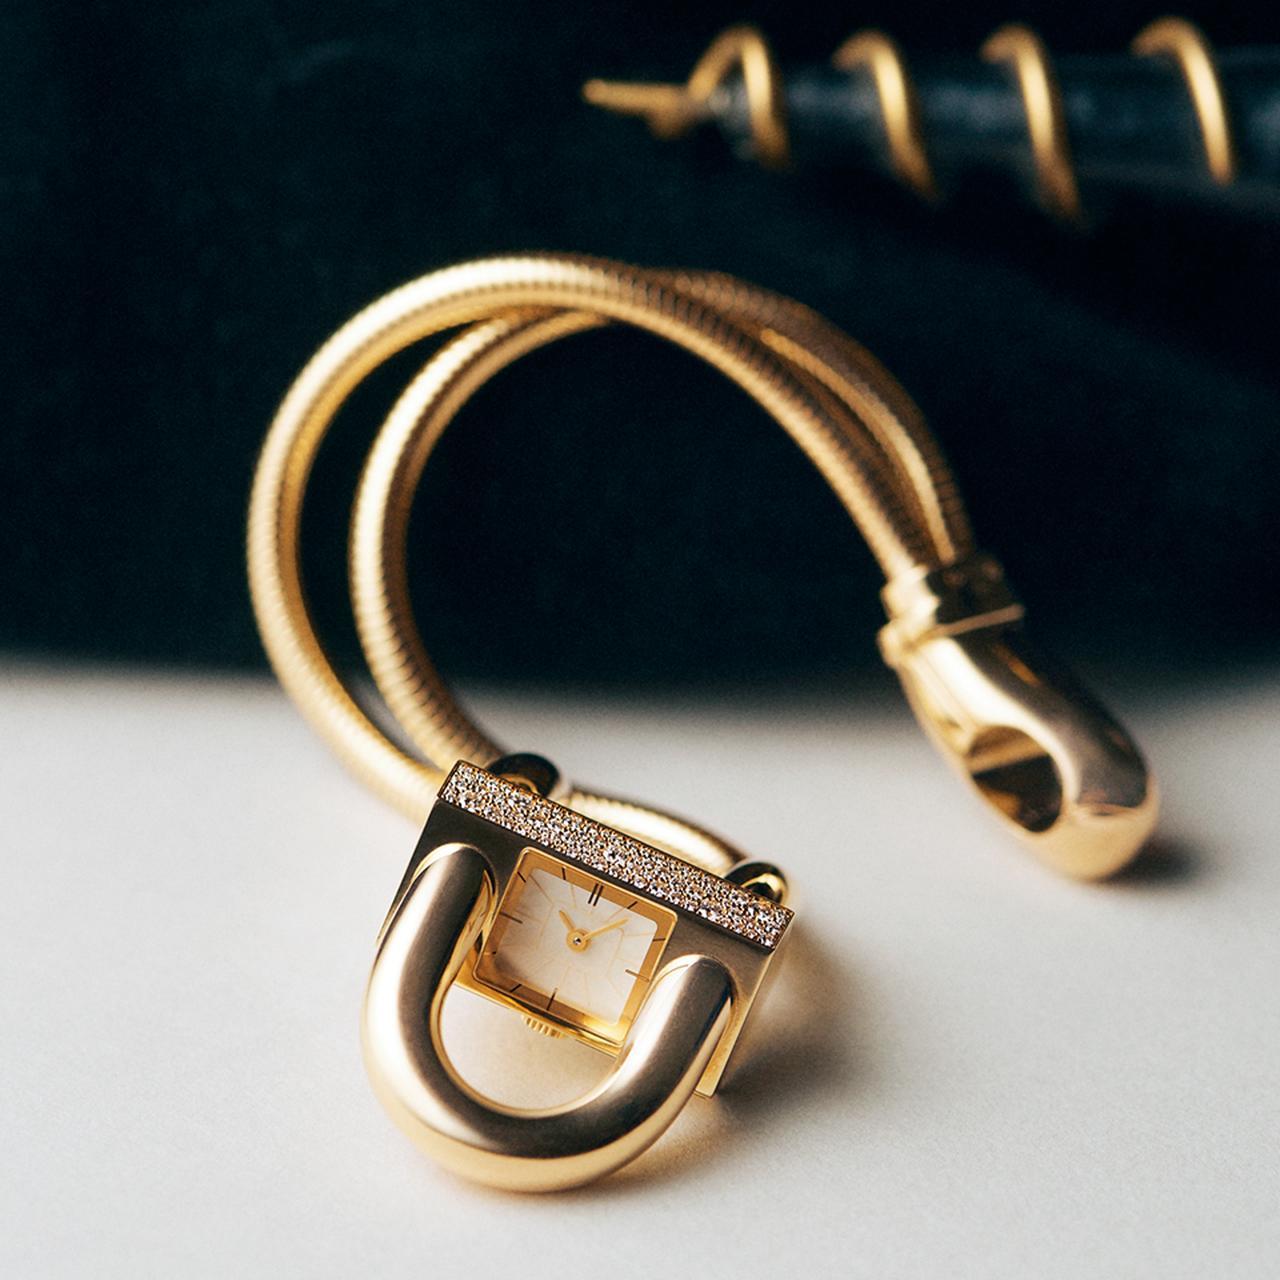 Images : 2番目の画像 - 「セレブに愛された時計」のアルバム - T JAPAN:The New York Times Style Magazine 公式サイト